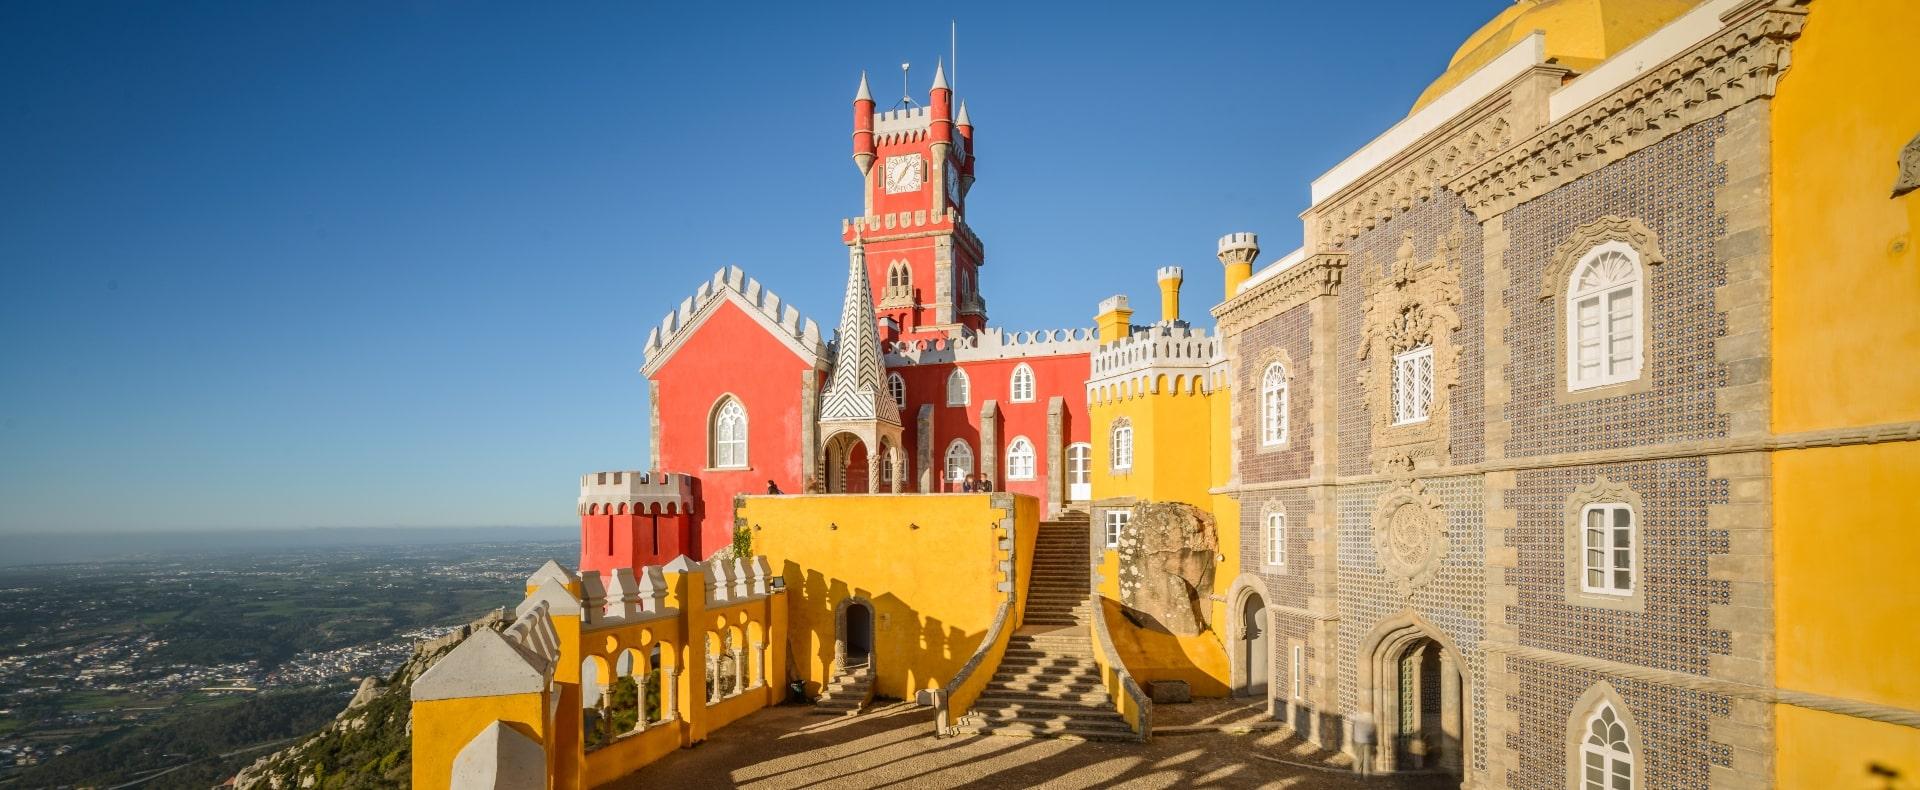 Sintra Day Trip